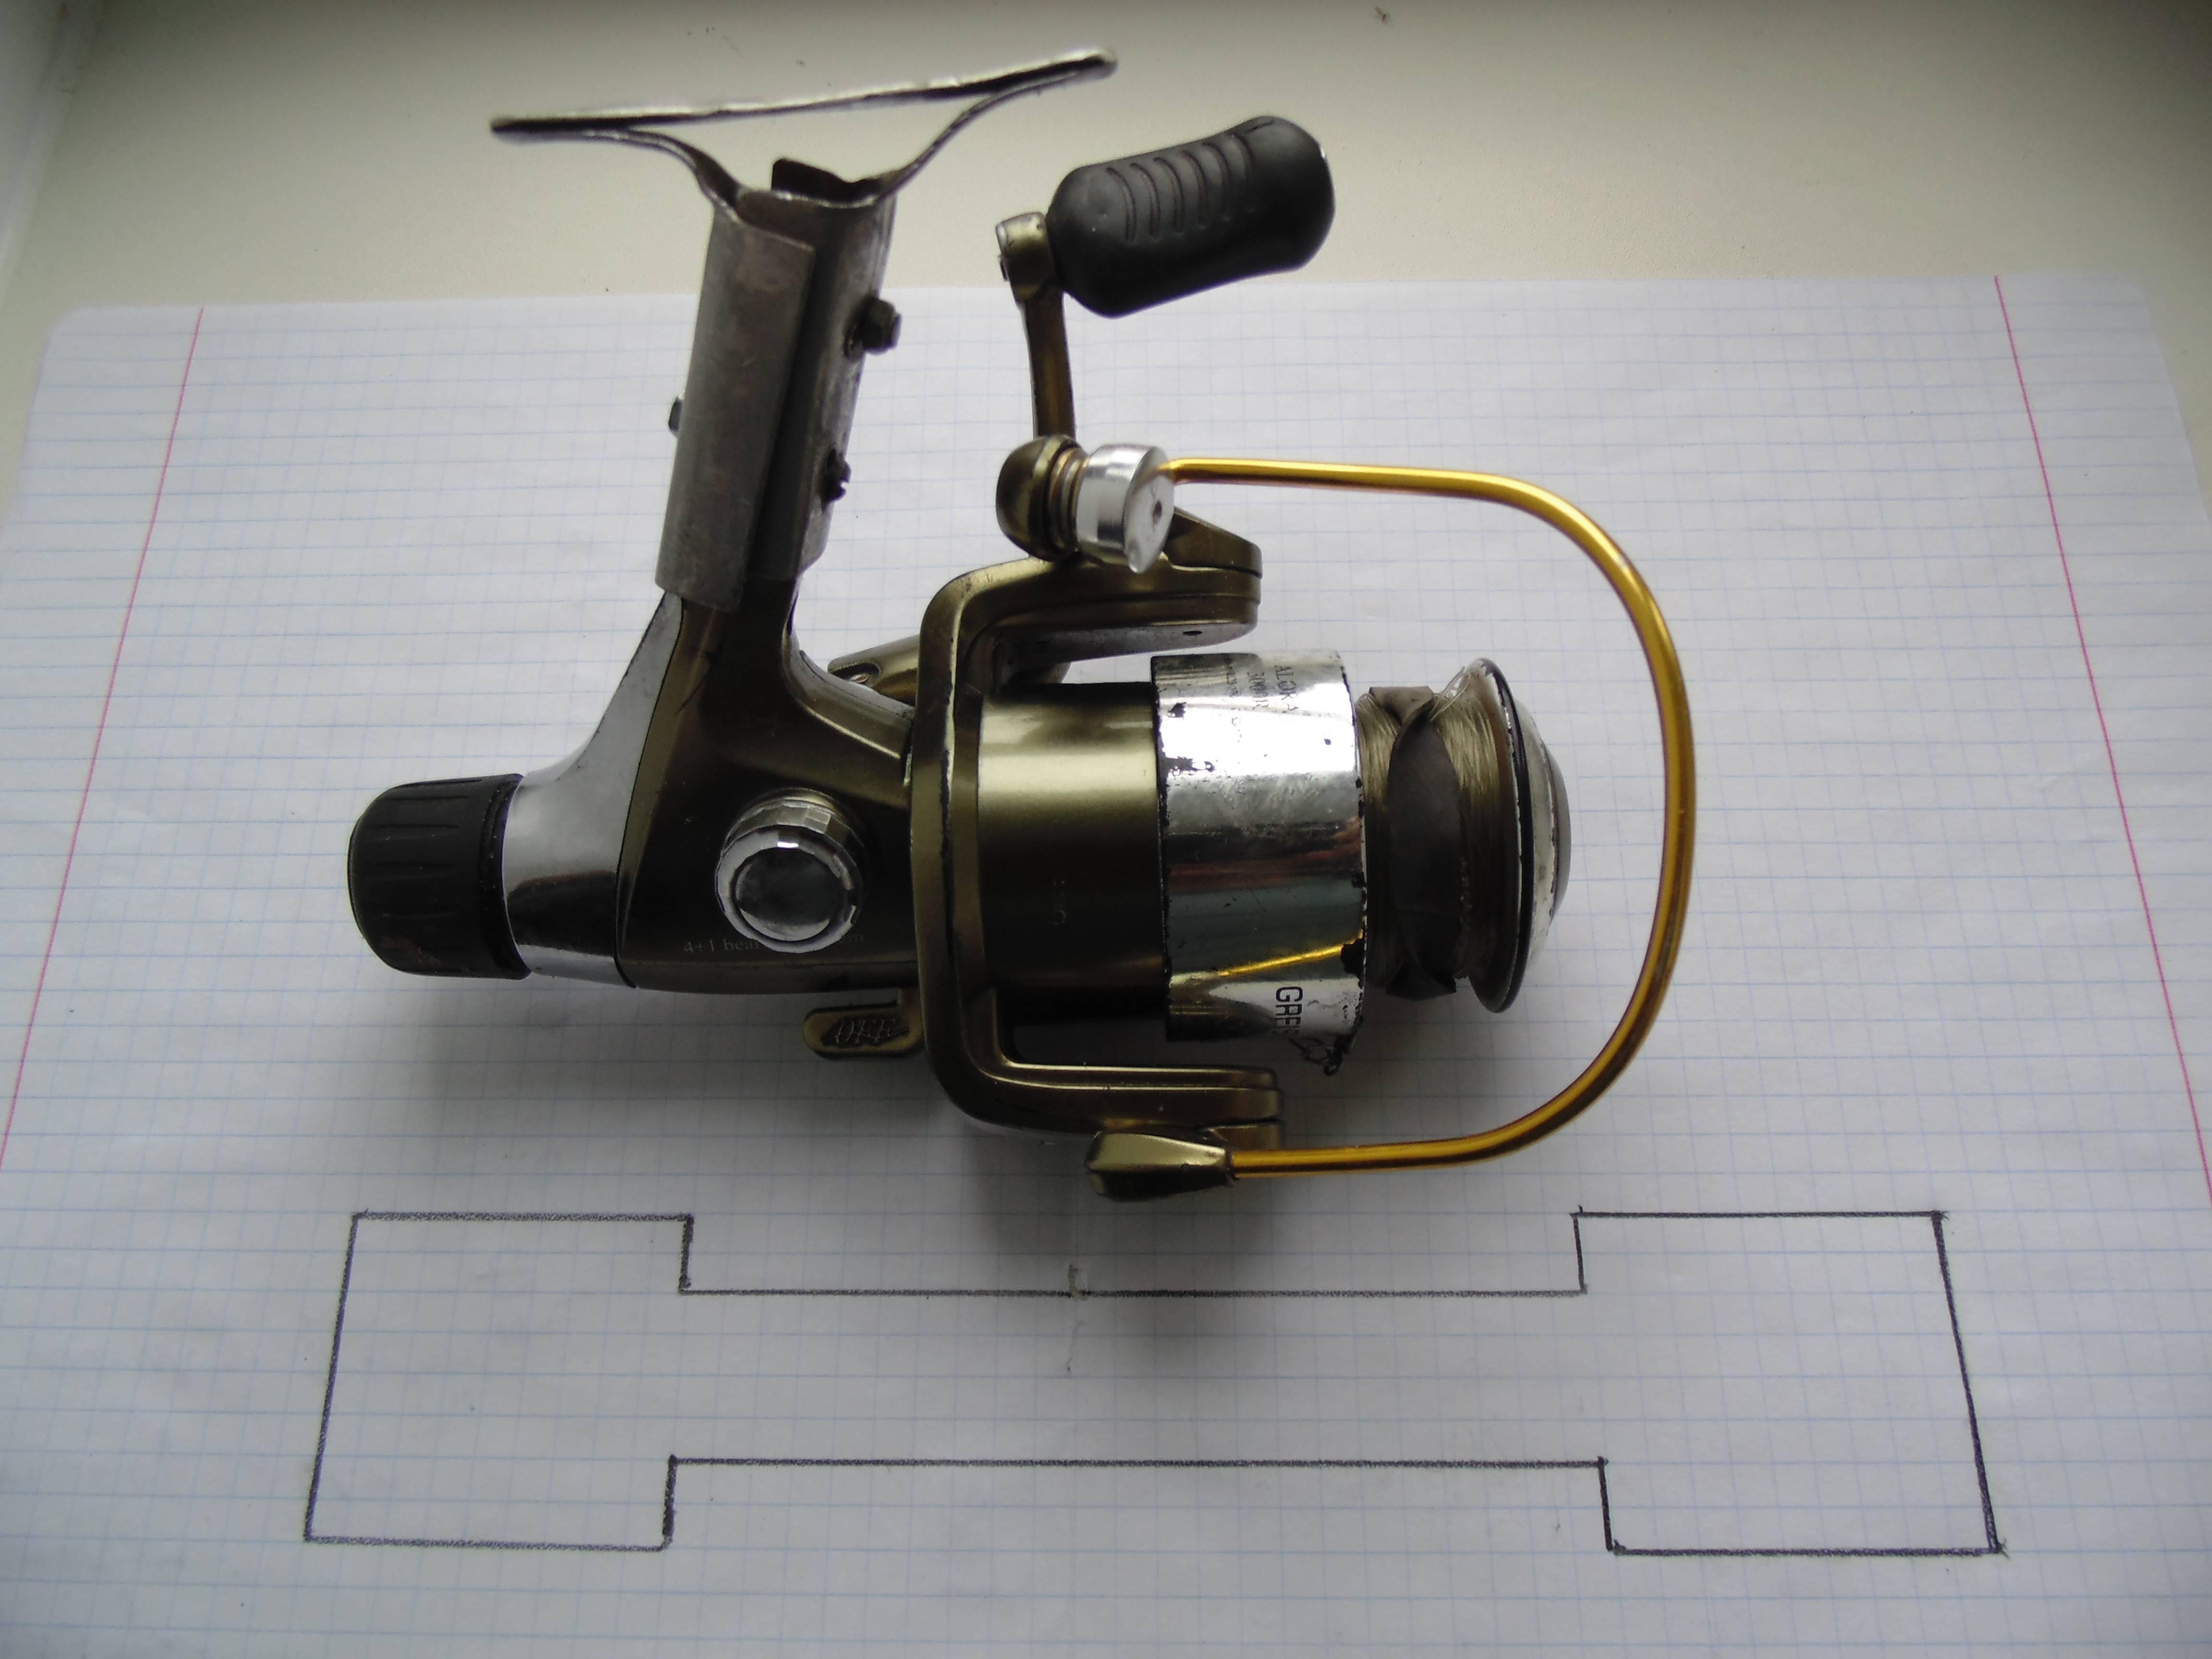 Замена керамической вставки, ремонт колец спиннинговых удилищ